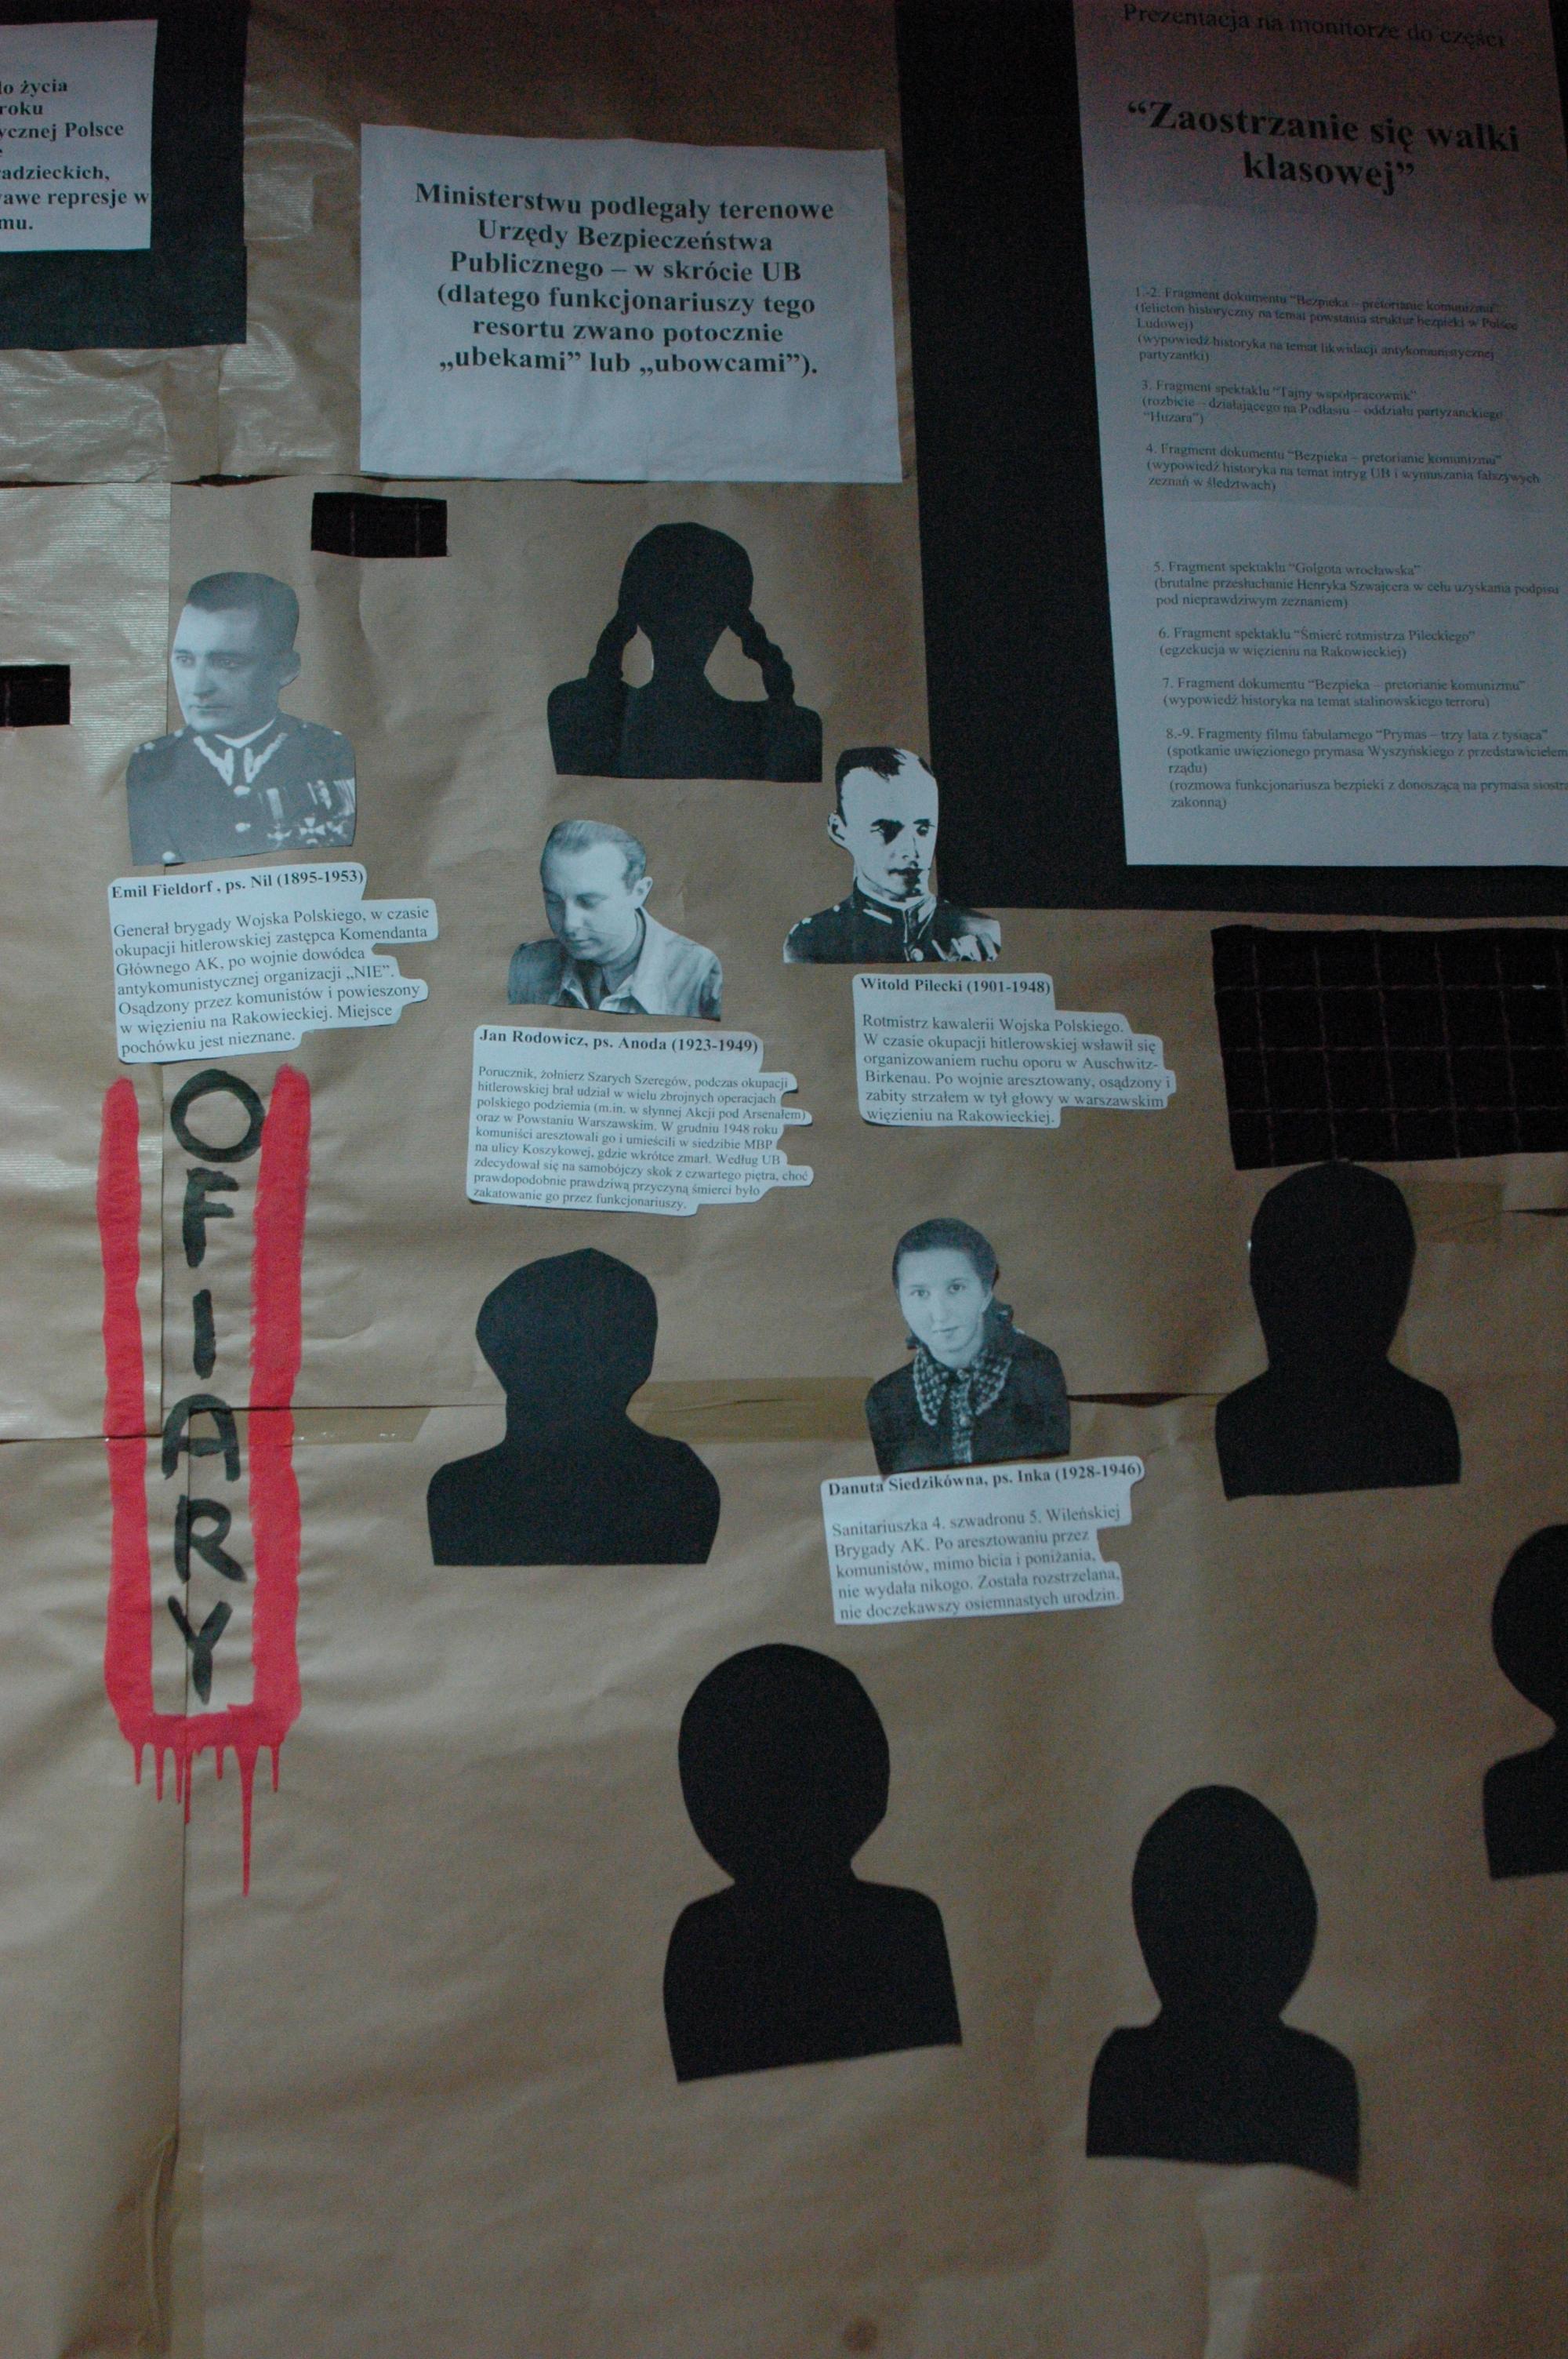 Portrety i biogramy osób zabitych przez UB. Jak wybrać kilka spośród tysięcy? To przekracza ludzkie możliwości.